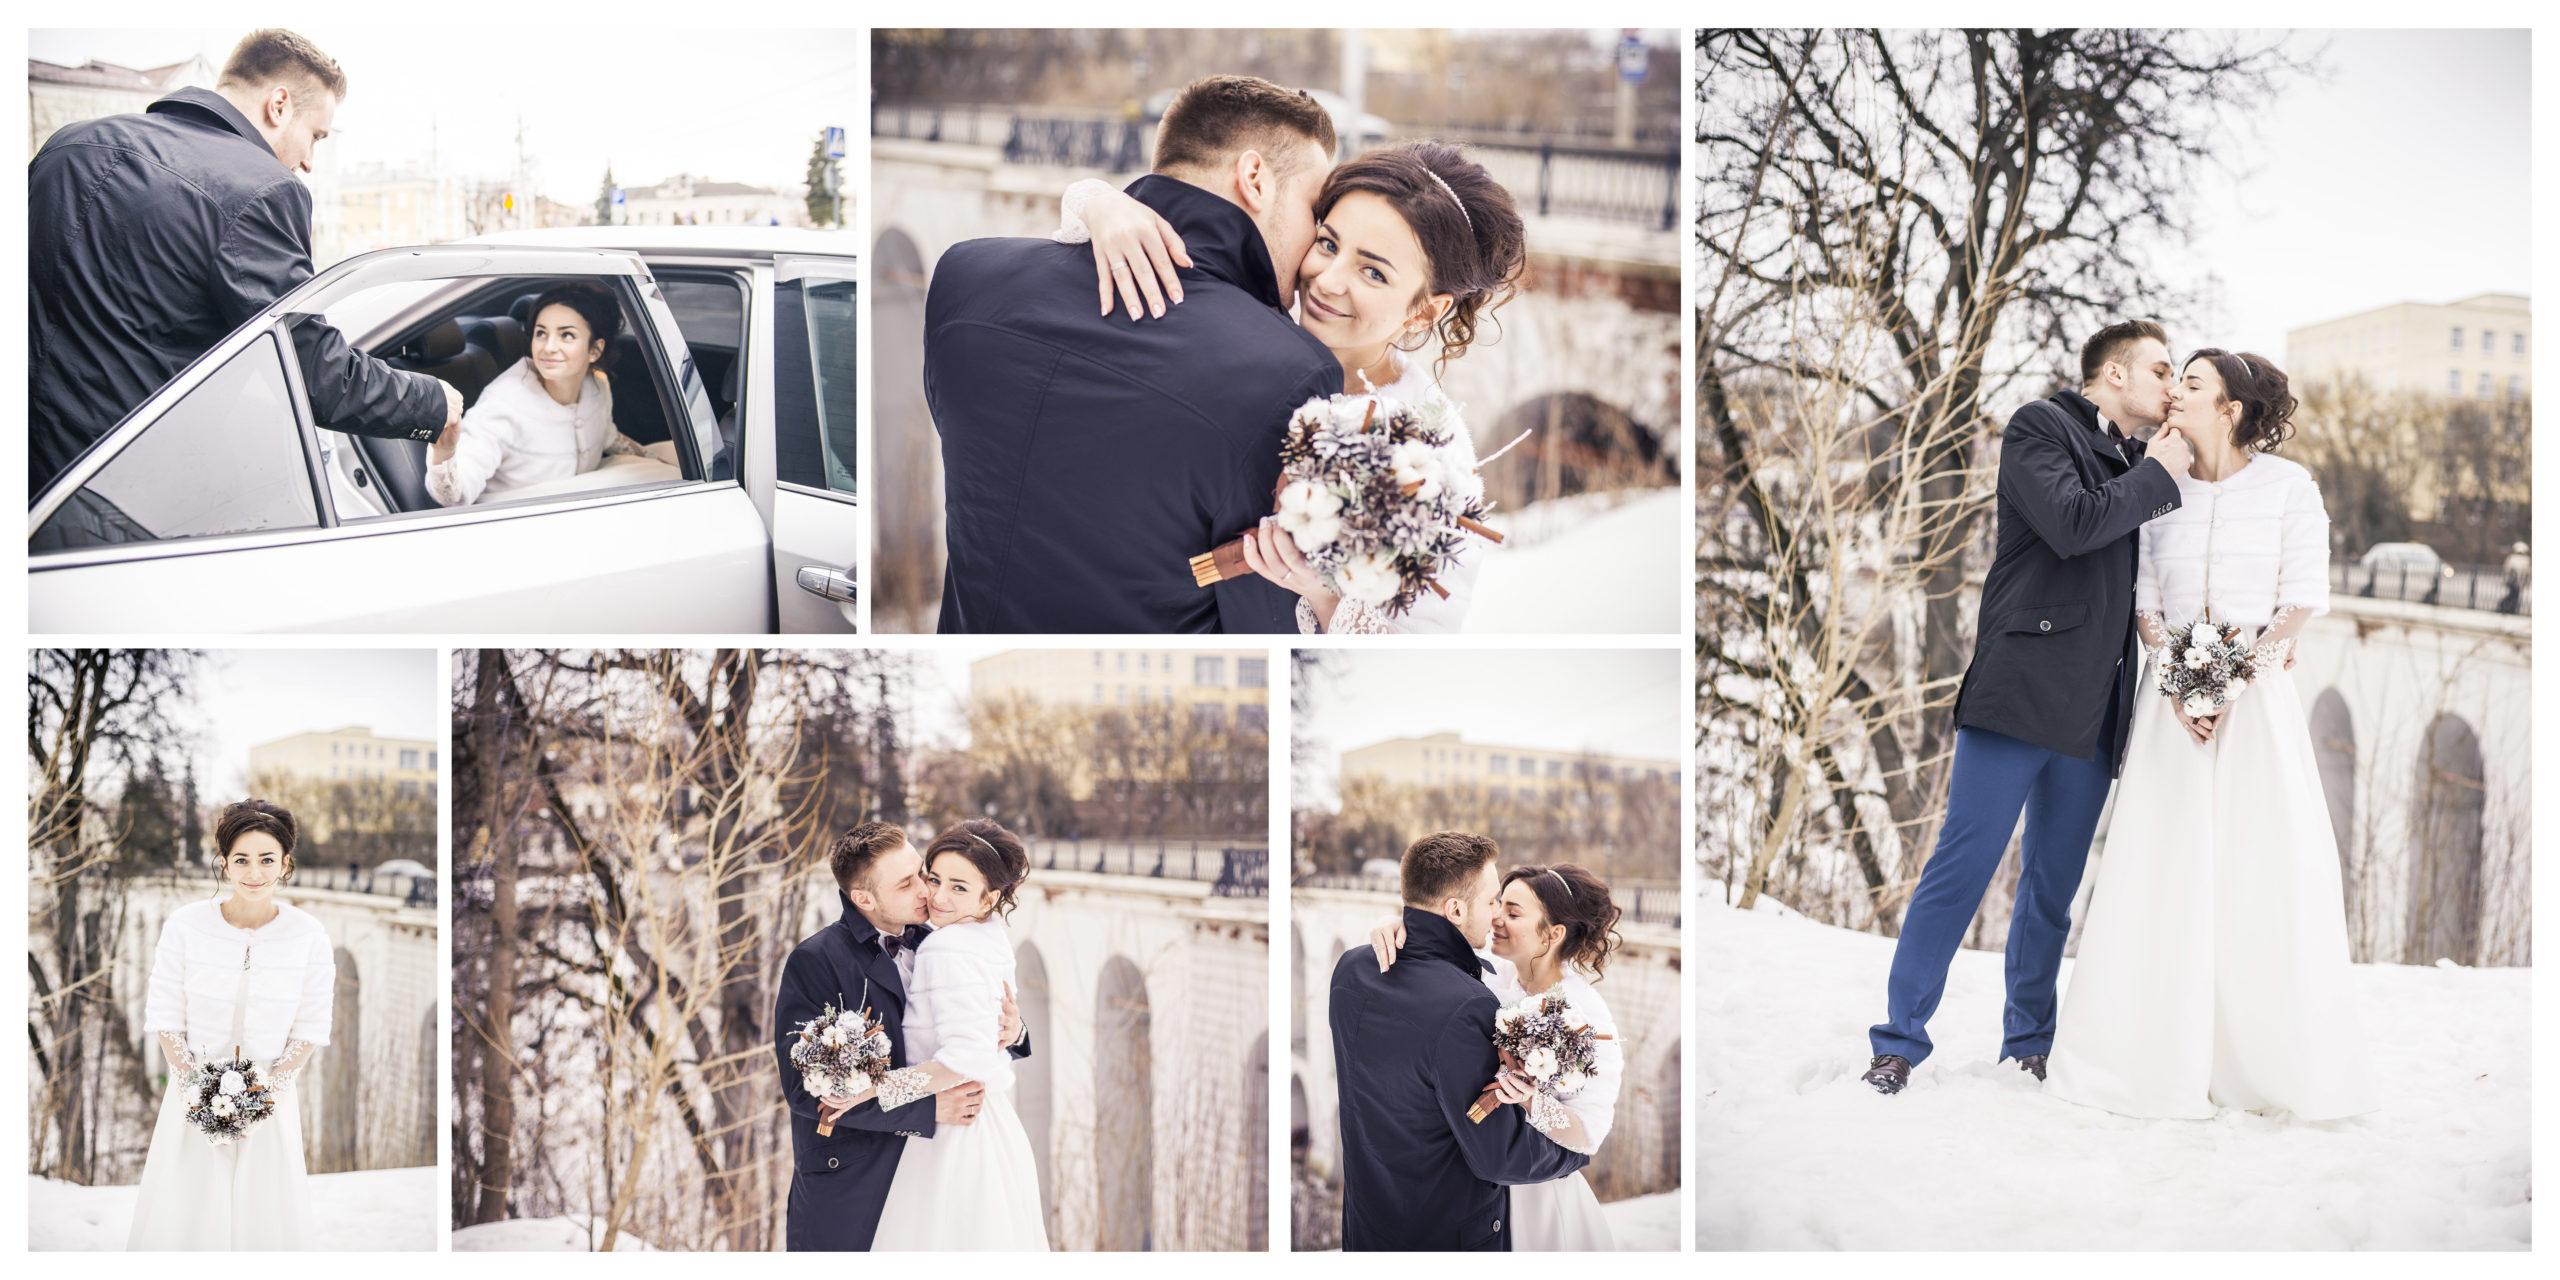 Фотокнига свадебная 2 в портфолио